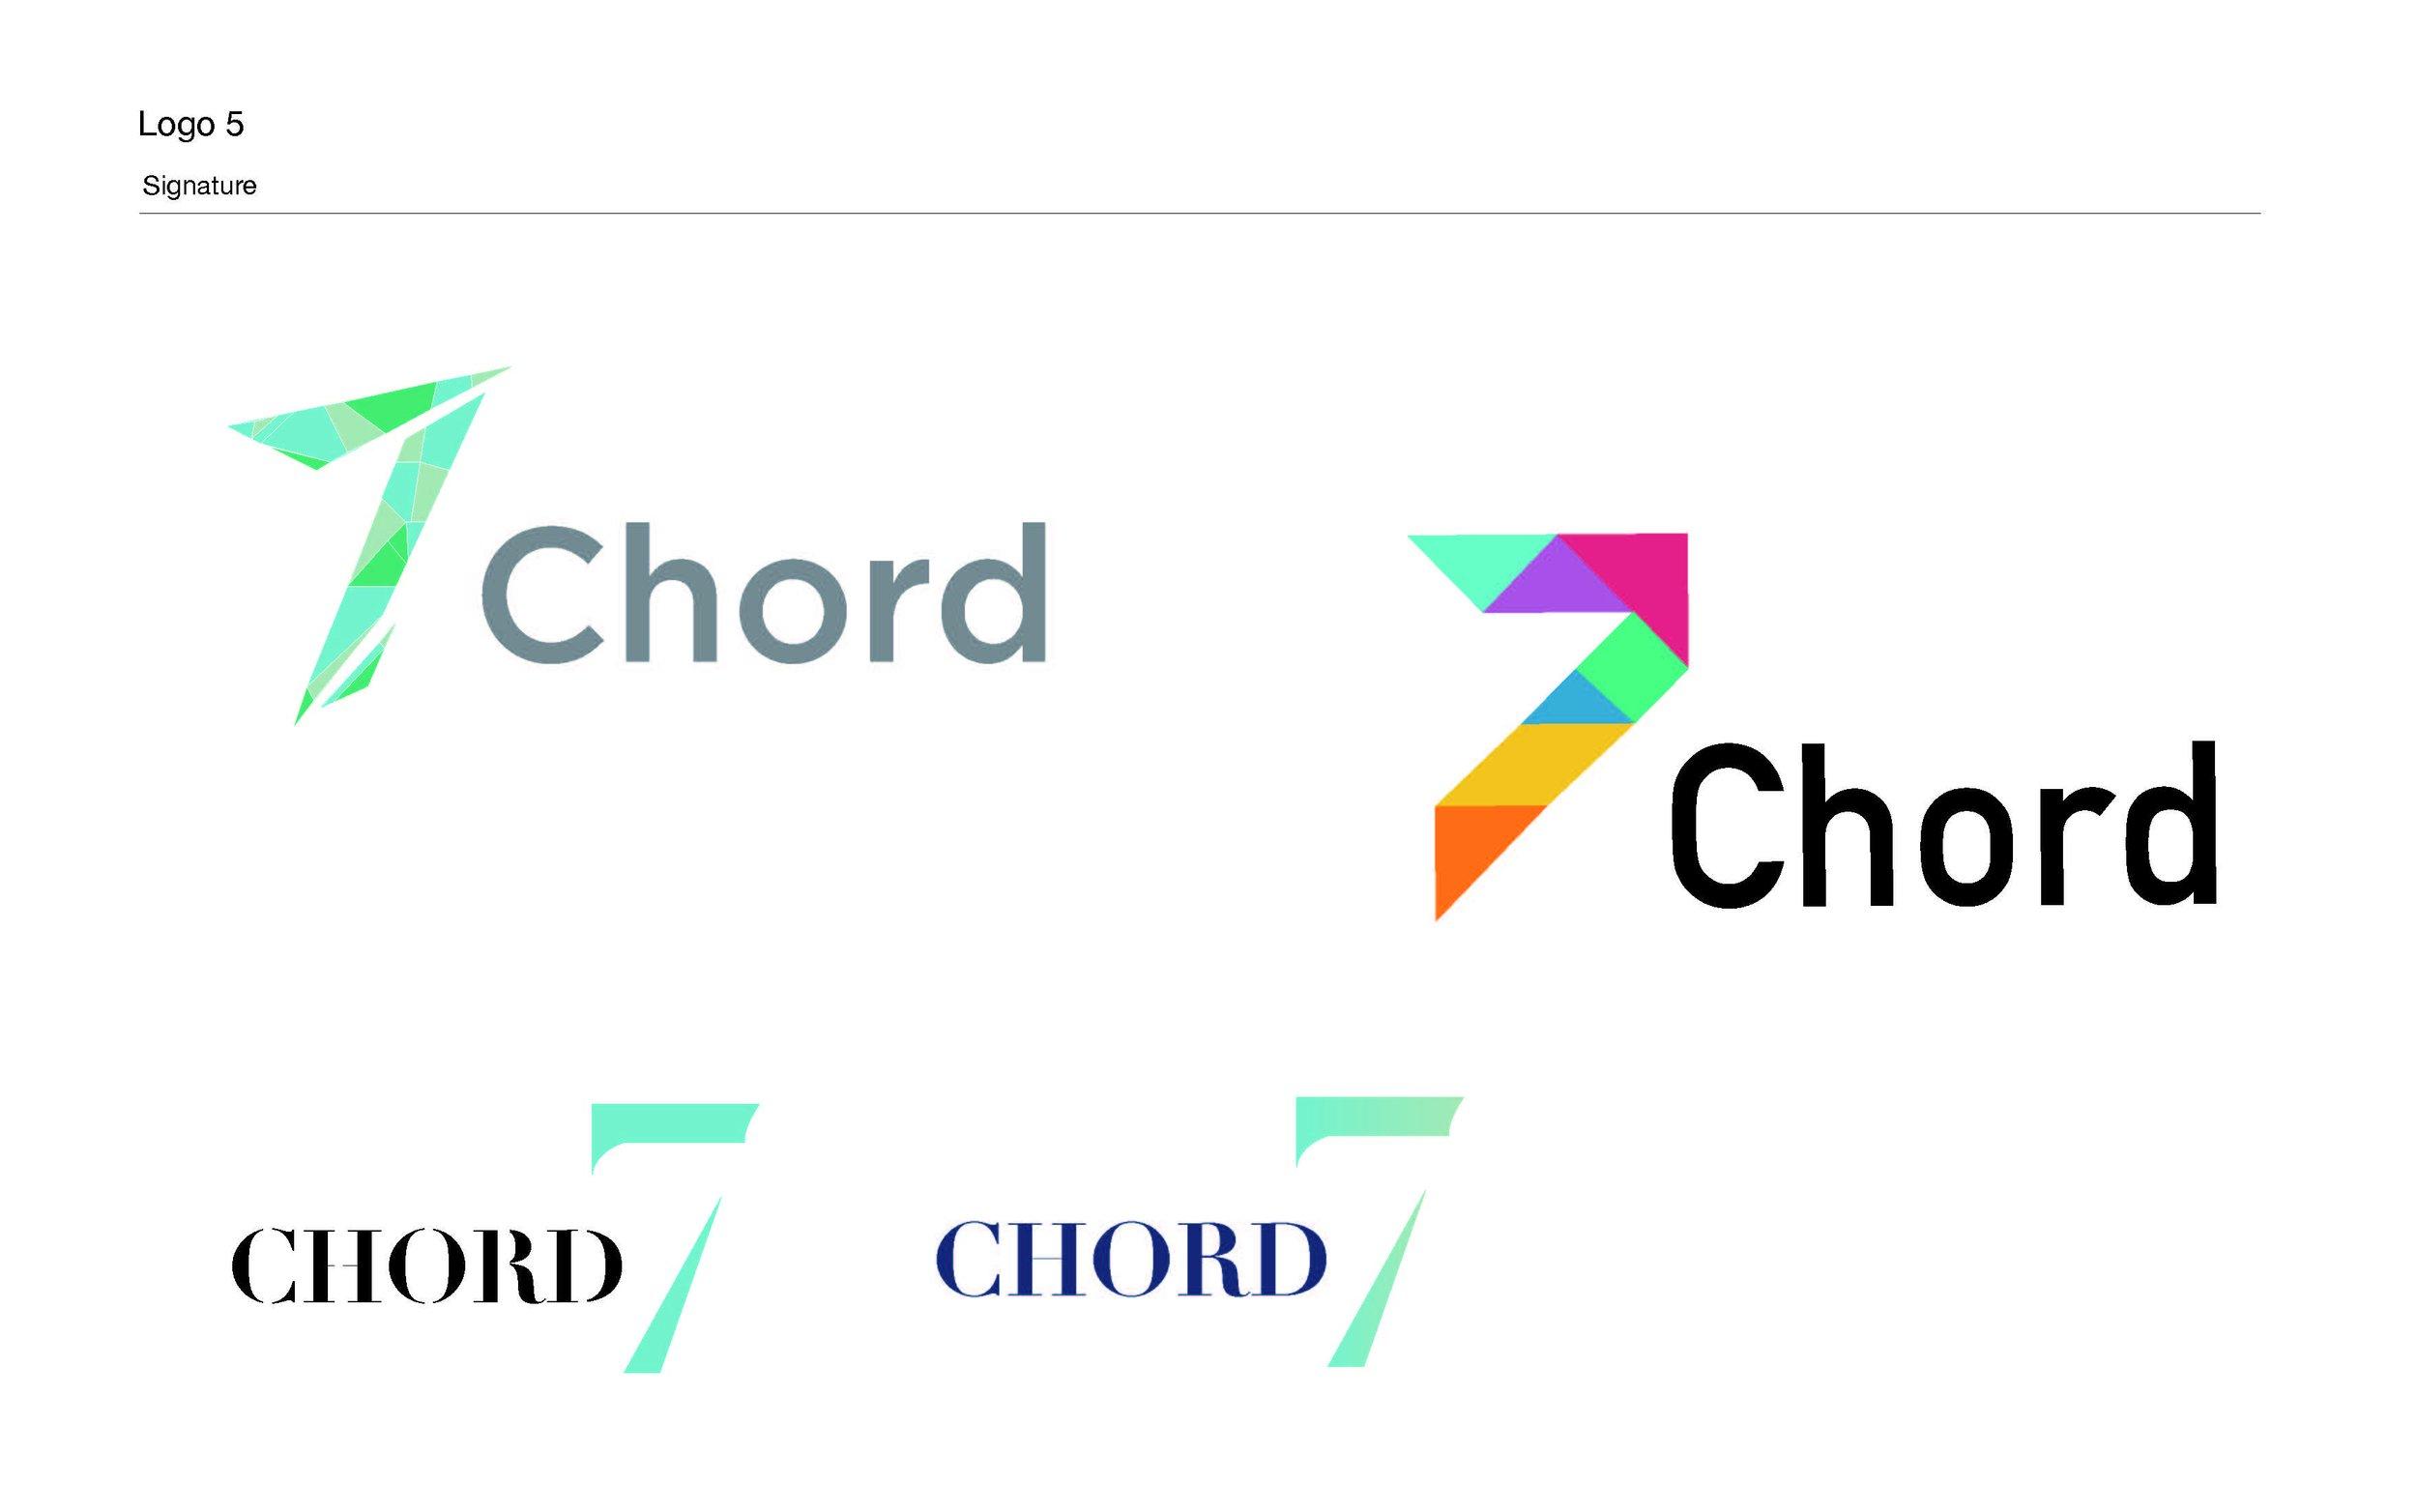 7chord_logo_v2_Page_6.jpg